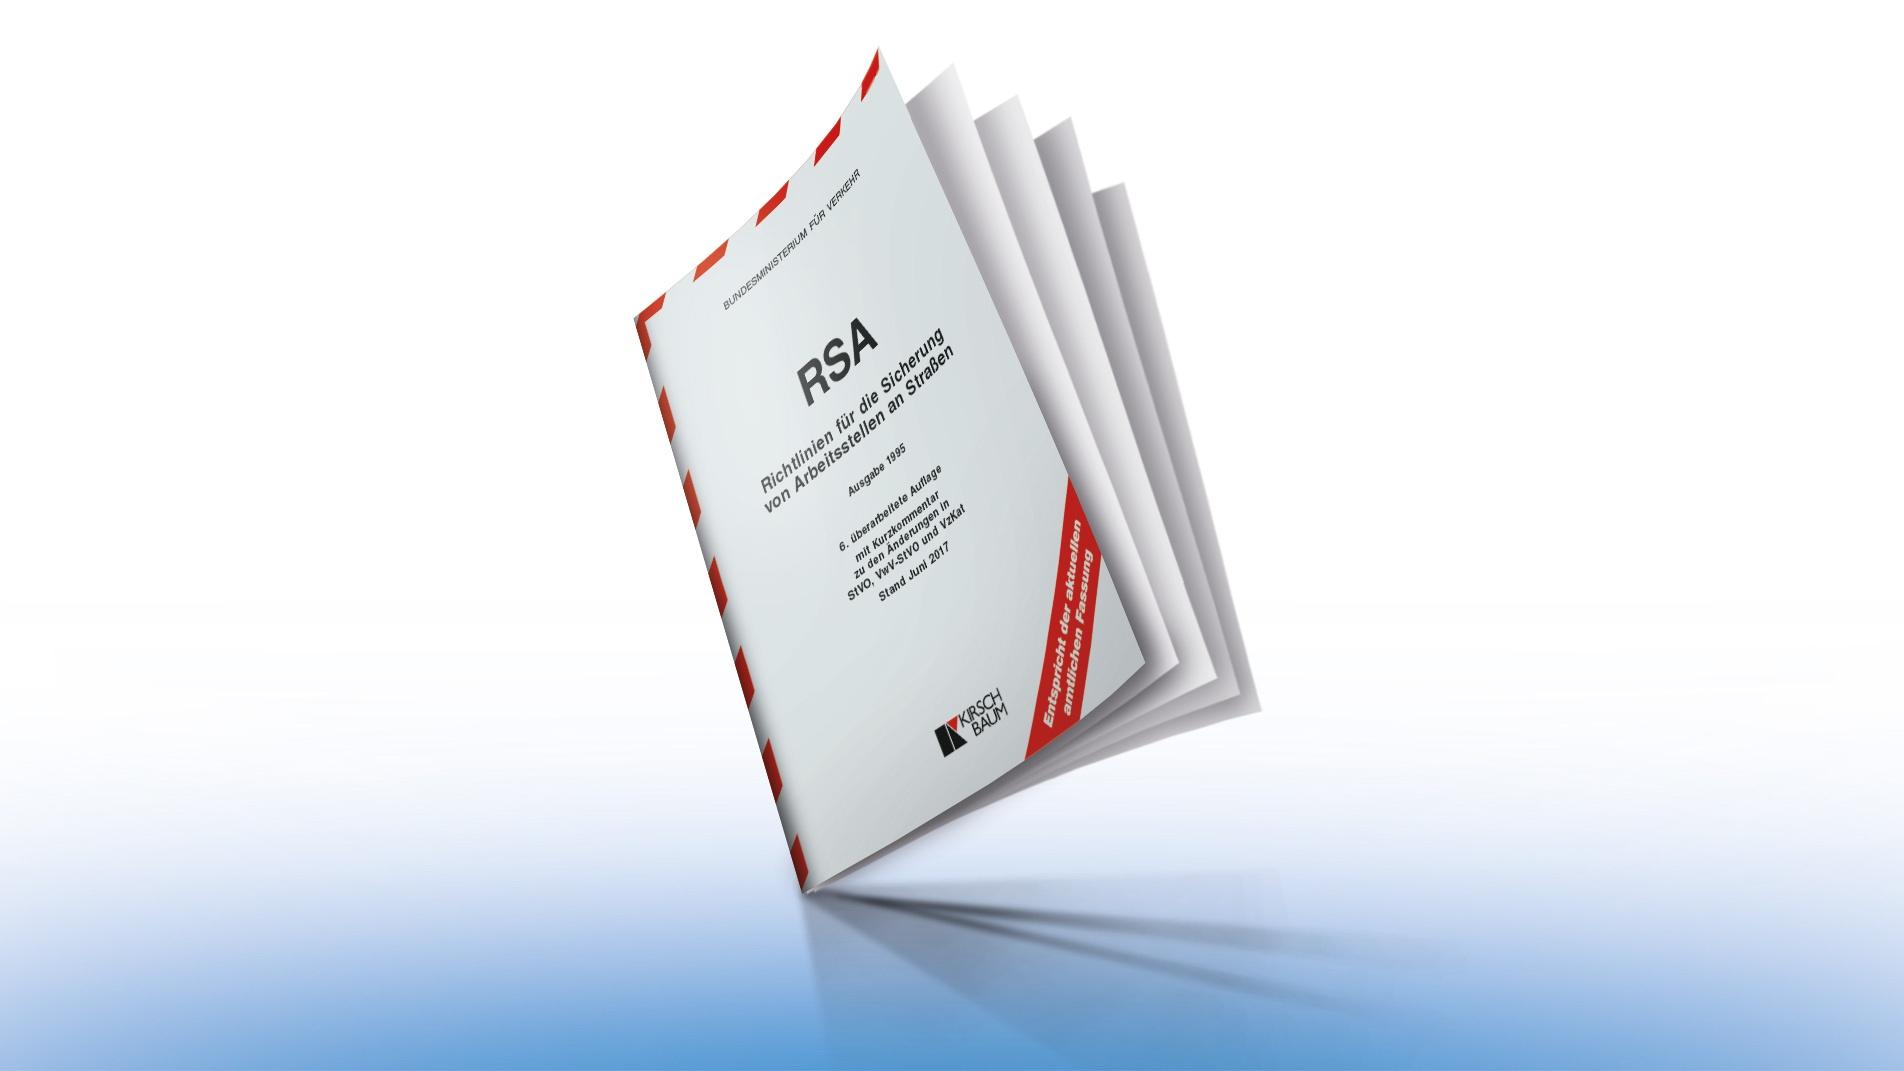 RSA-Textausgabe